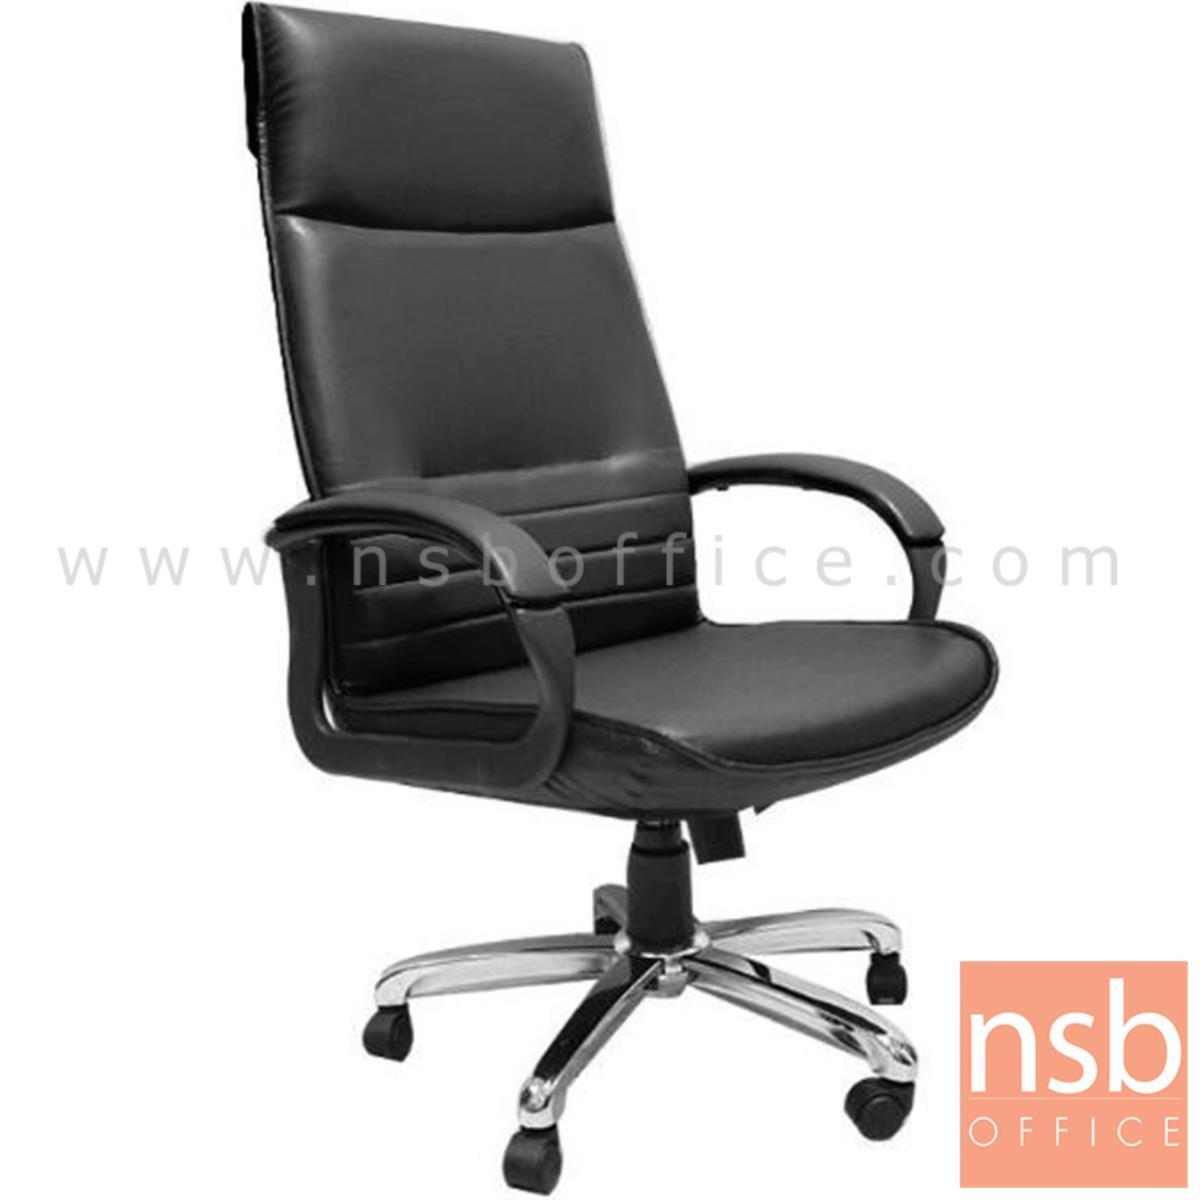 B01A273:เก้าอี้ผู้บริหาร รุ่น Olive (โอลีฟ)  โช๊คแก๊ส มีก้อนโยก ขาเหล็กชุบโครเมี่ยม